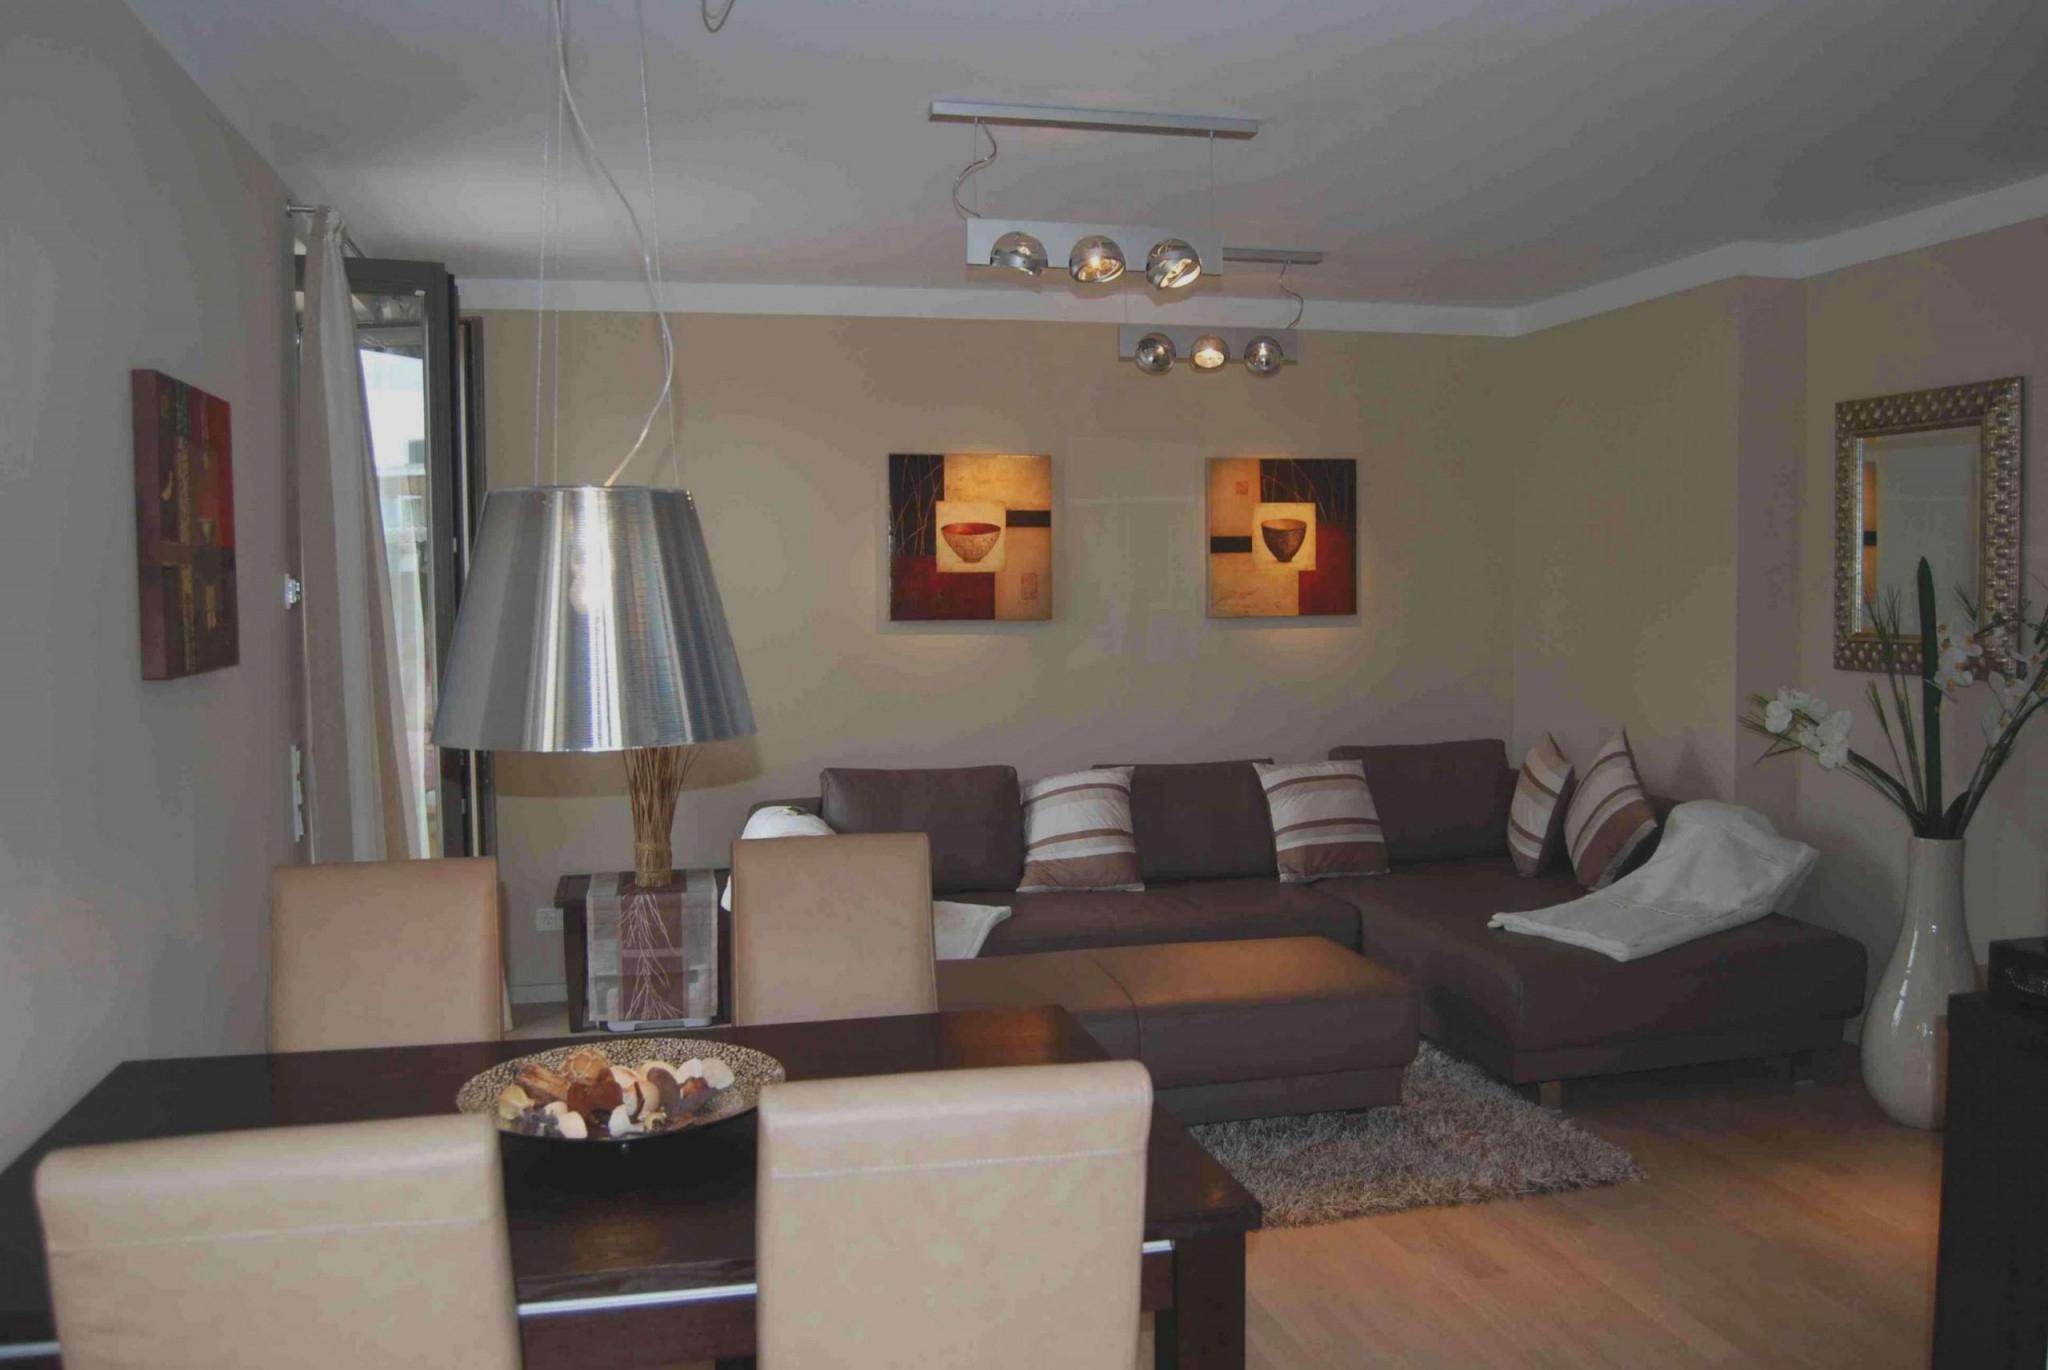 30 Luxus Kleines Wohnzimmer Mit Essbereich Einrichten von Wohnzimmer Klein Einrichten Photo